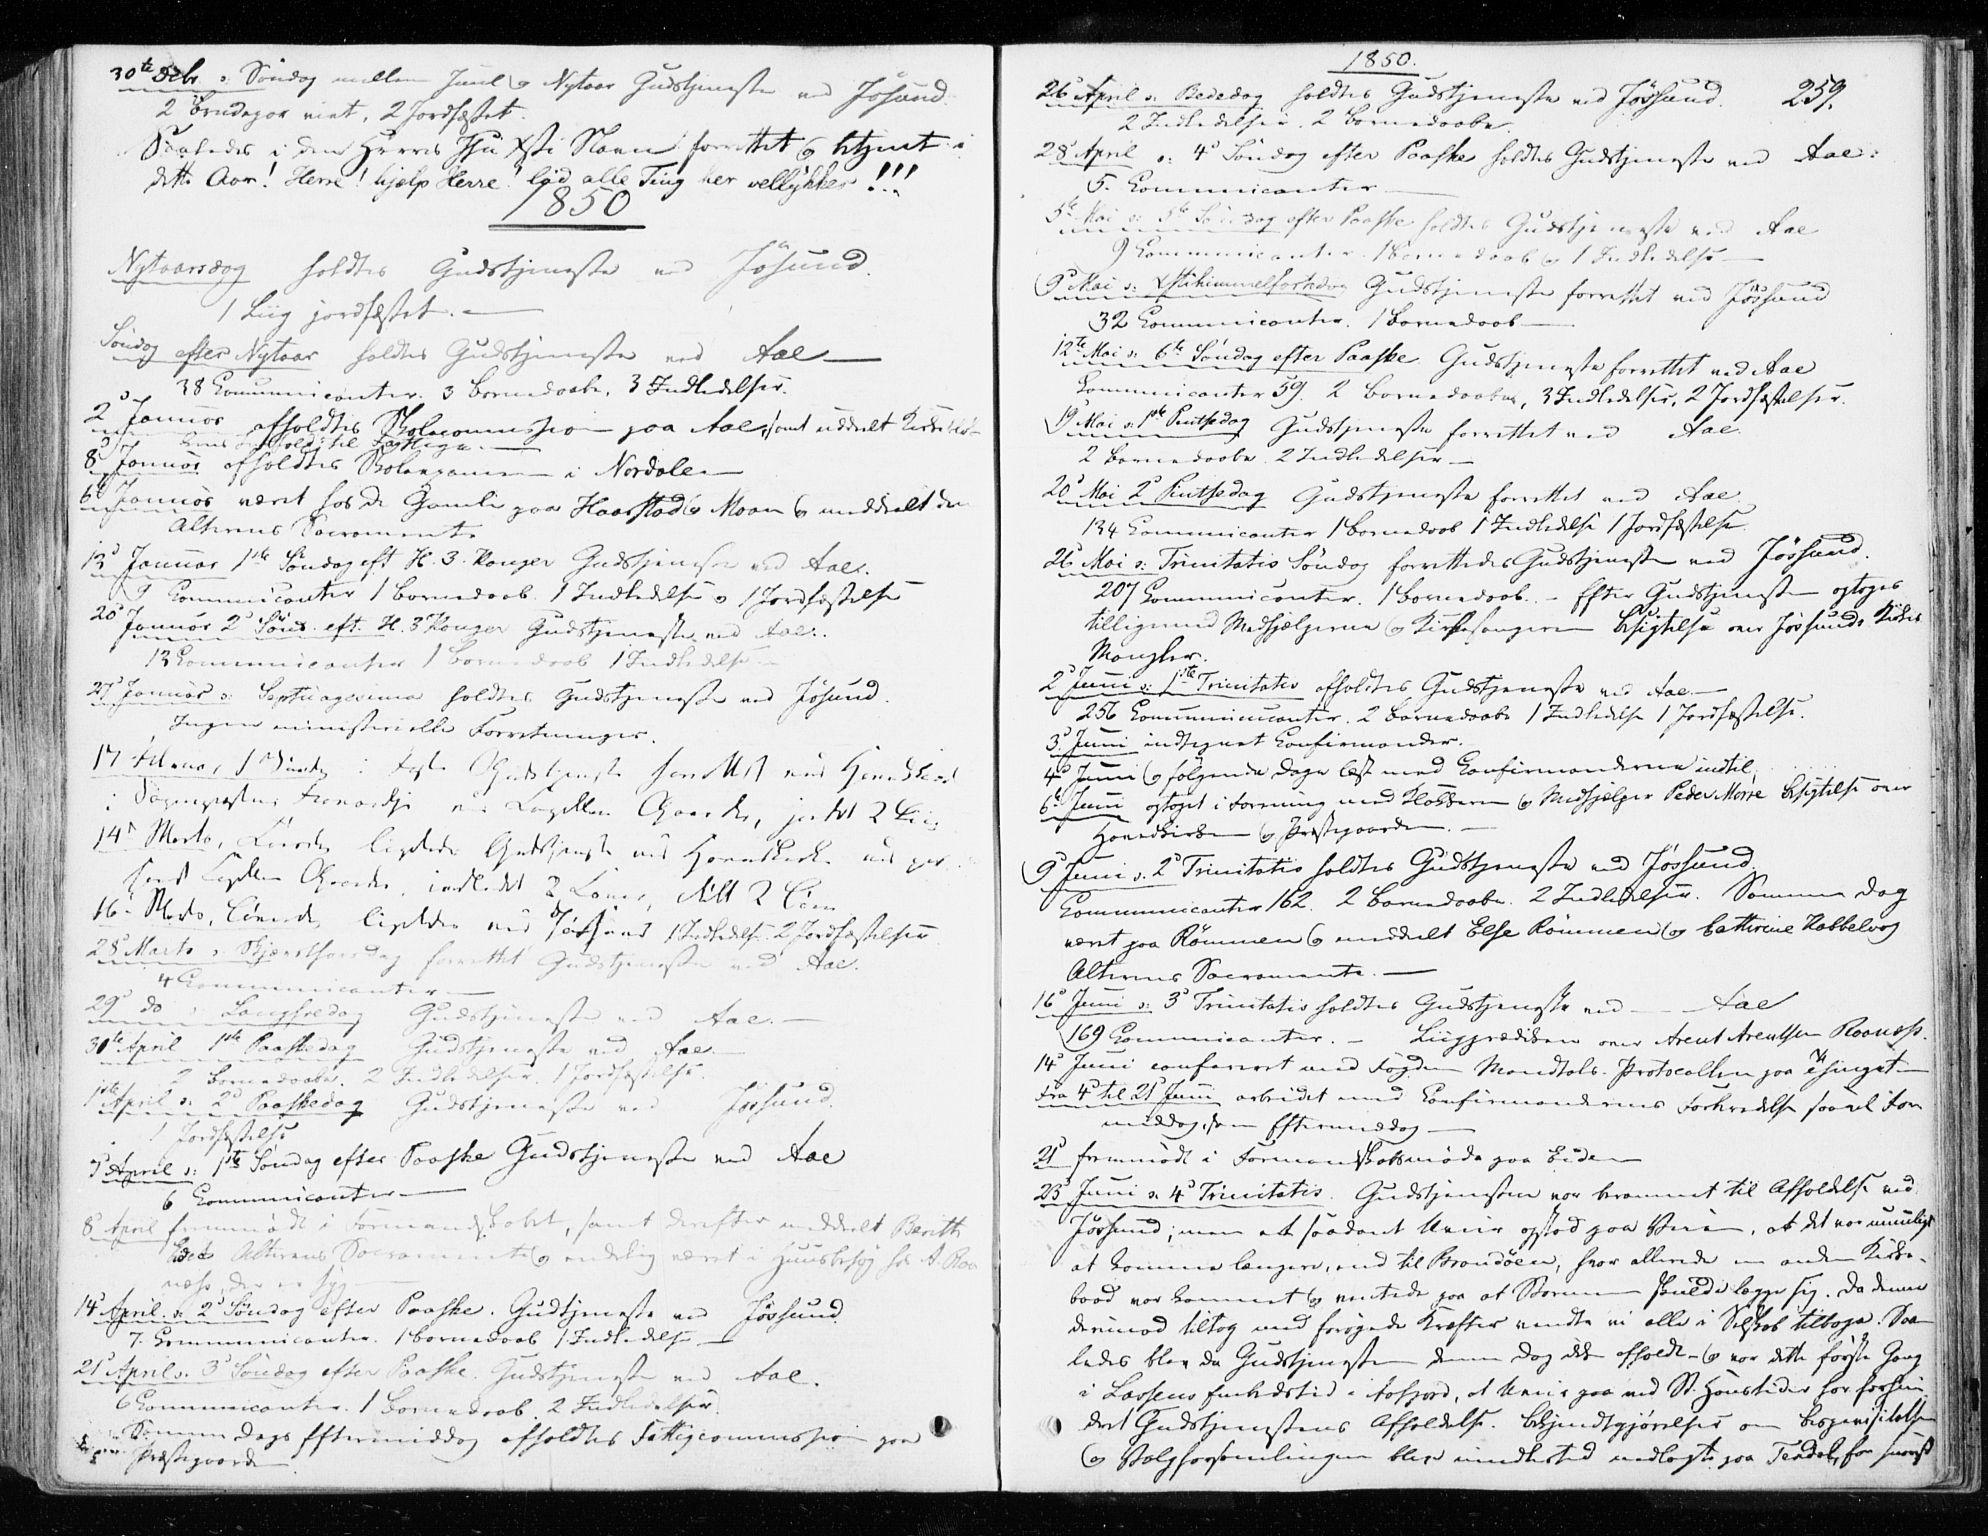 SAT, Ministerialprotokoller, klokkerbøker og fødselsregistre - Sør-Trøndelag, 655/L0677: Ministerialbok nr. 655A06, 1847-1860, s. 259